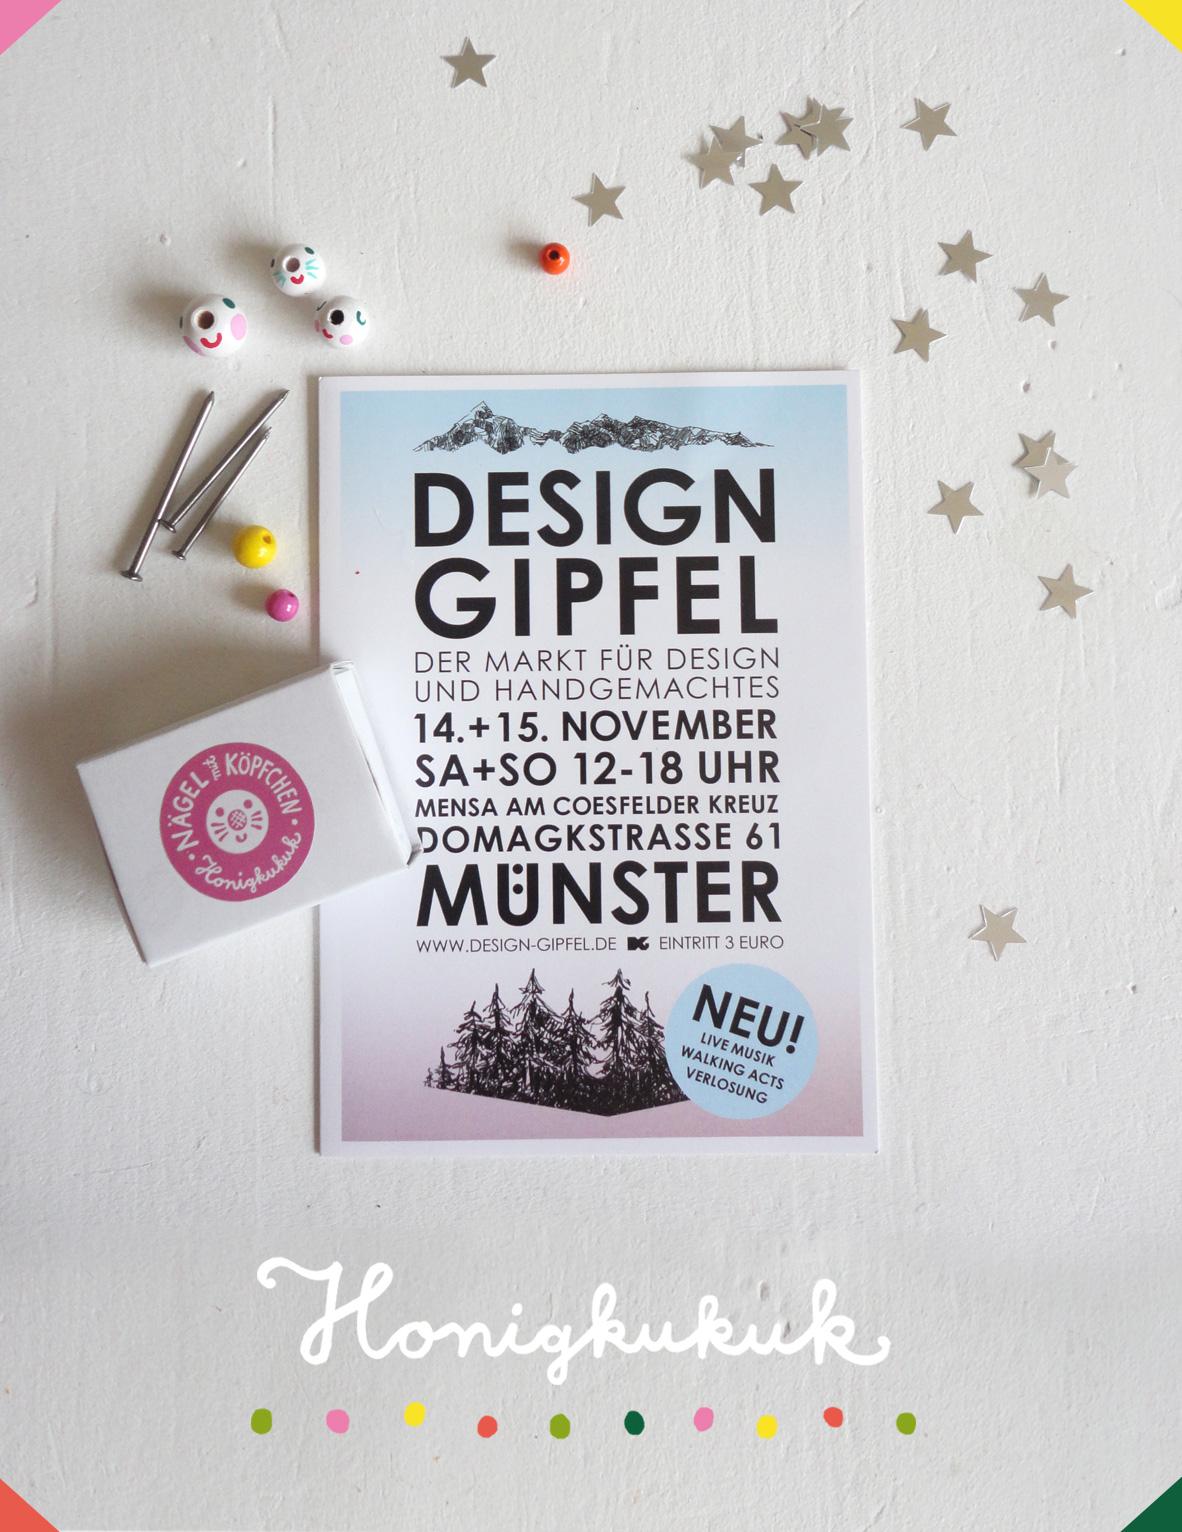 DesignGipfel Flyer mit Nägeln mit Köpfen